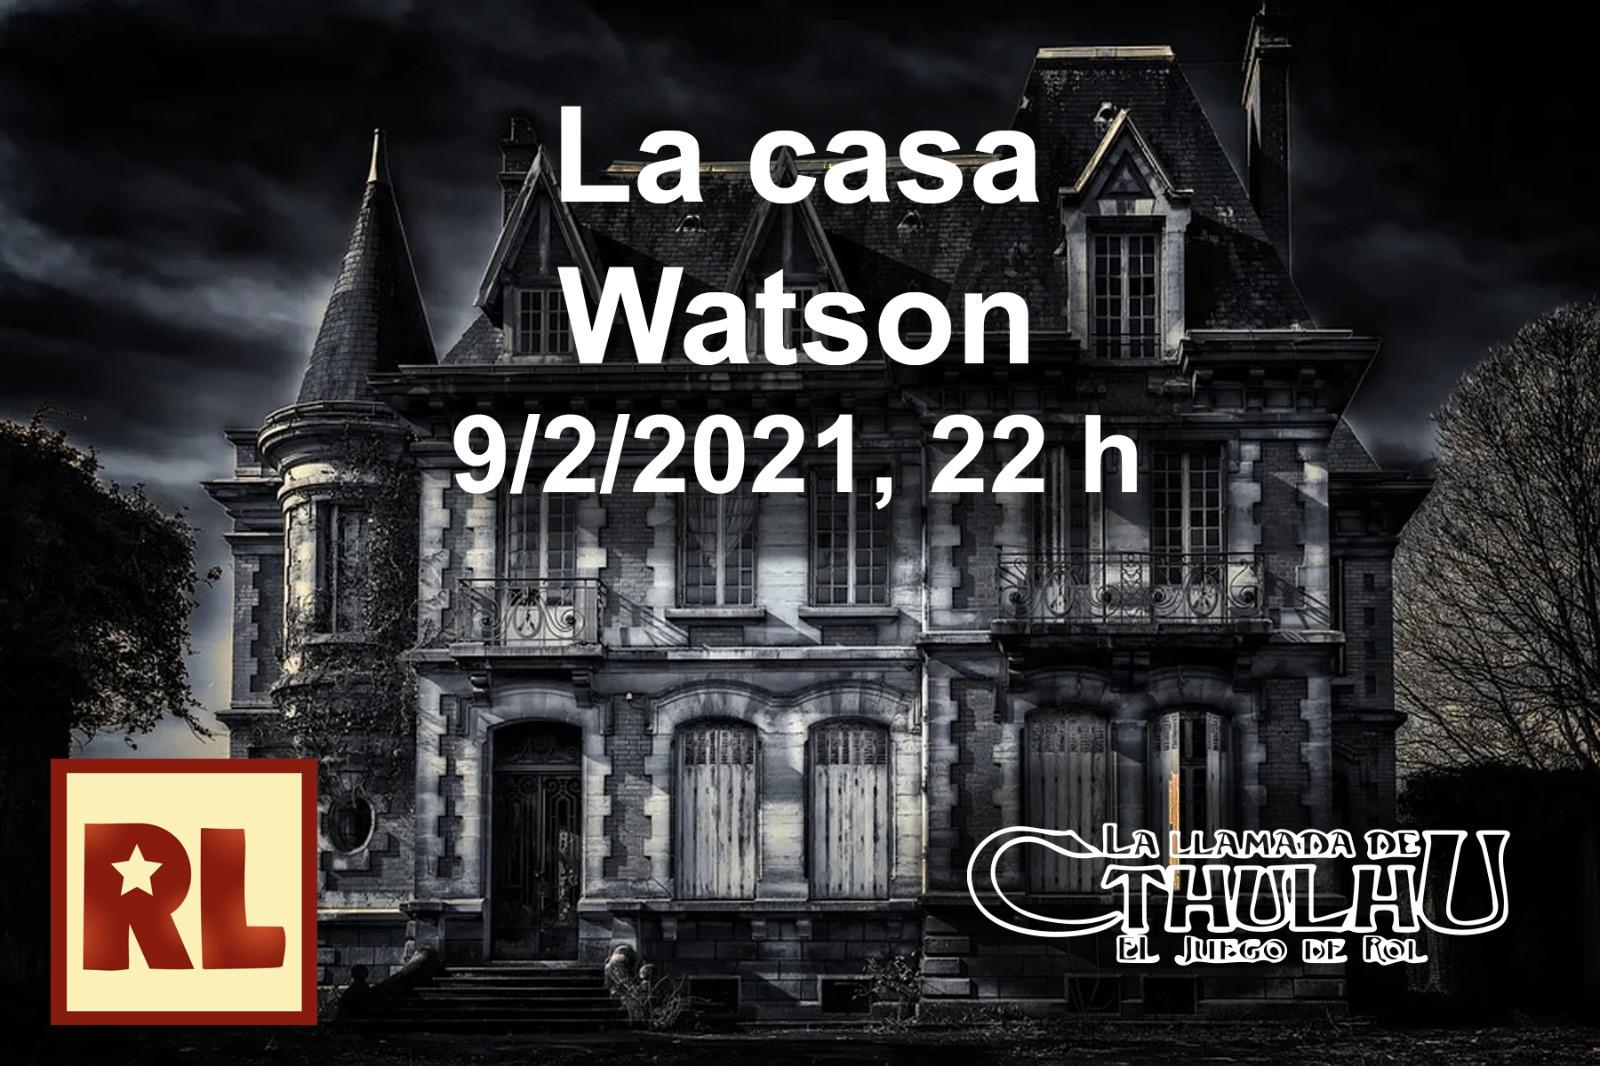 Resistencia Lúdica La casa Watson (La llamada de Cthulhu)